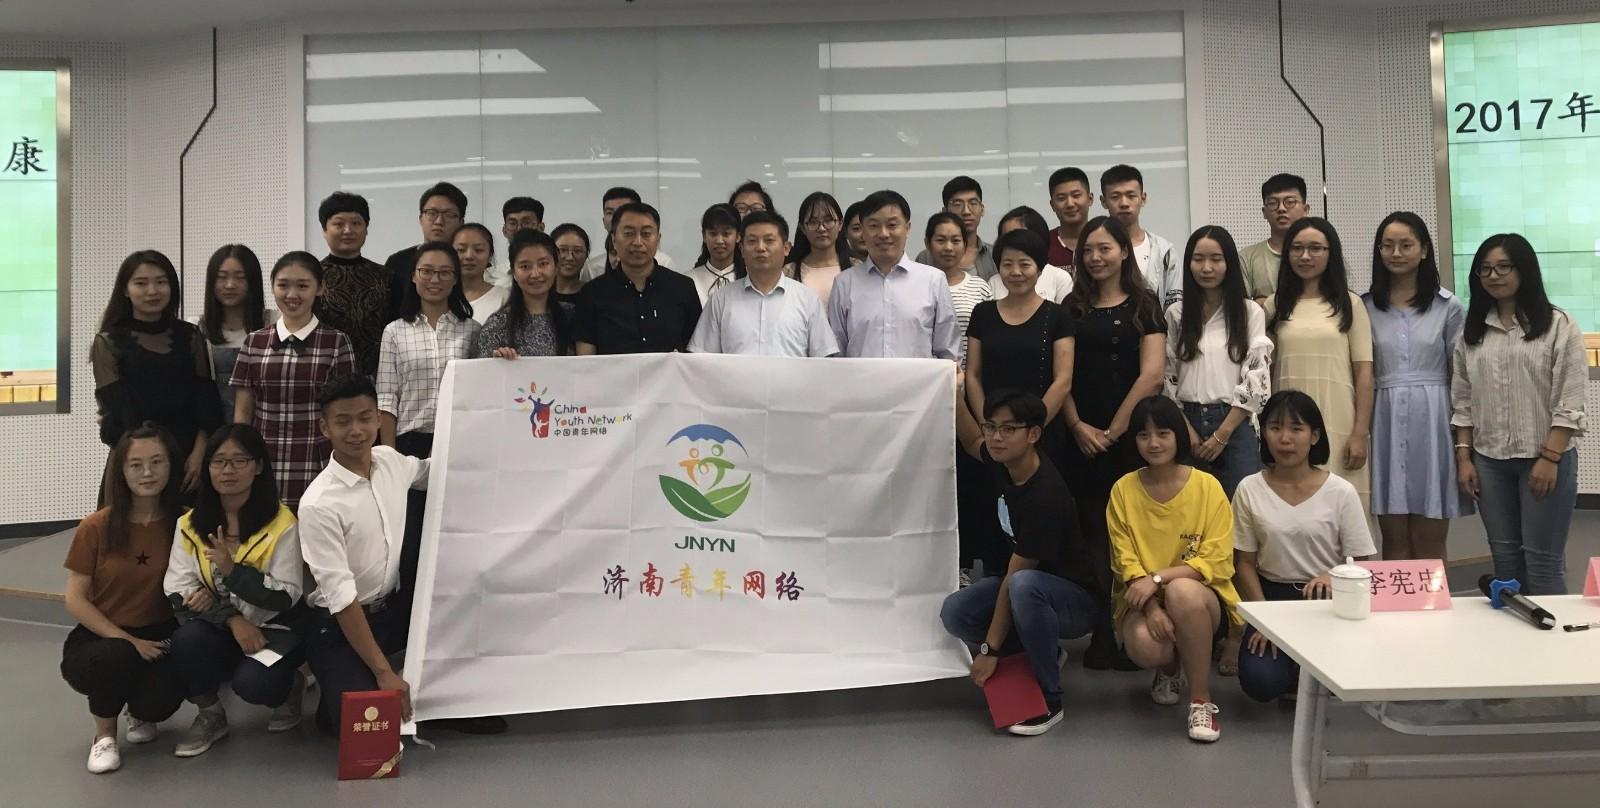 济南市举办驻济大学生青春健康演讲比赛-2-.jpg